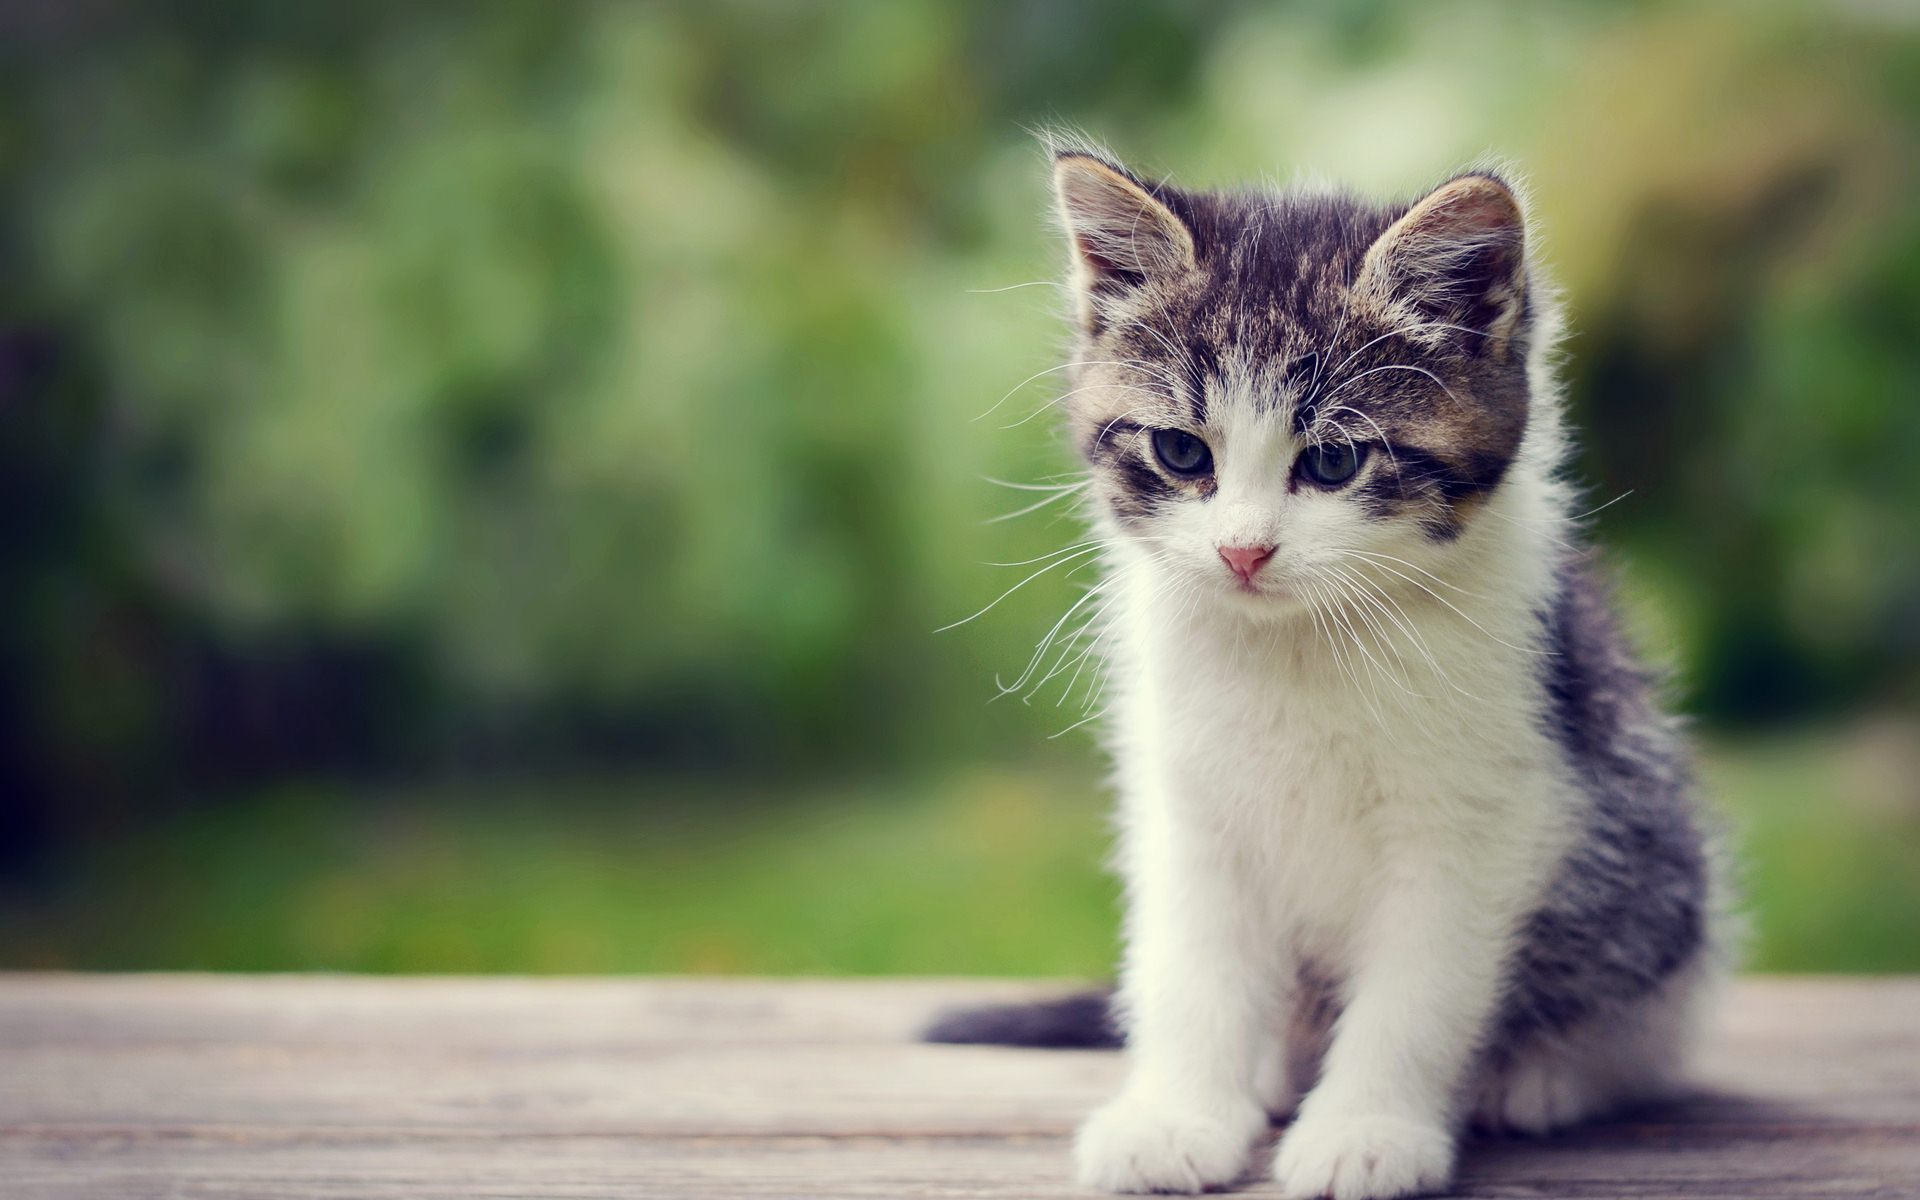 Cute Little Kitten Exclusive HD Wallpapers 6811 1920x1200